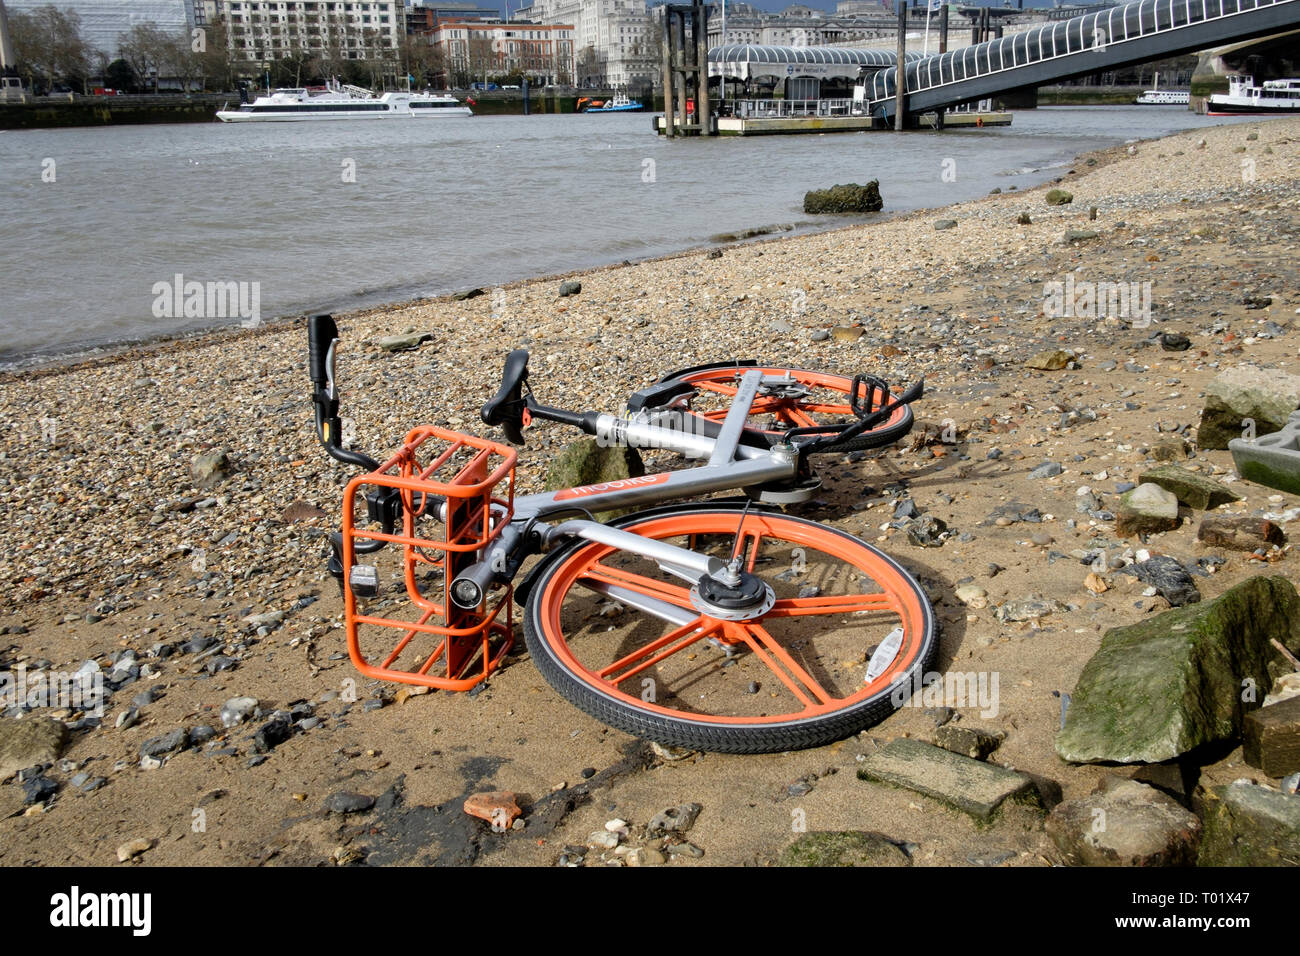 Régimen de intercambio ciclo Mobike moto abandonada en el embalse del río Támesis, en Londres. Imagen De Stock